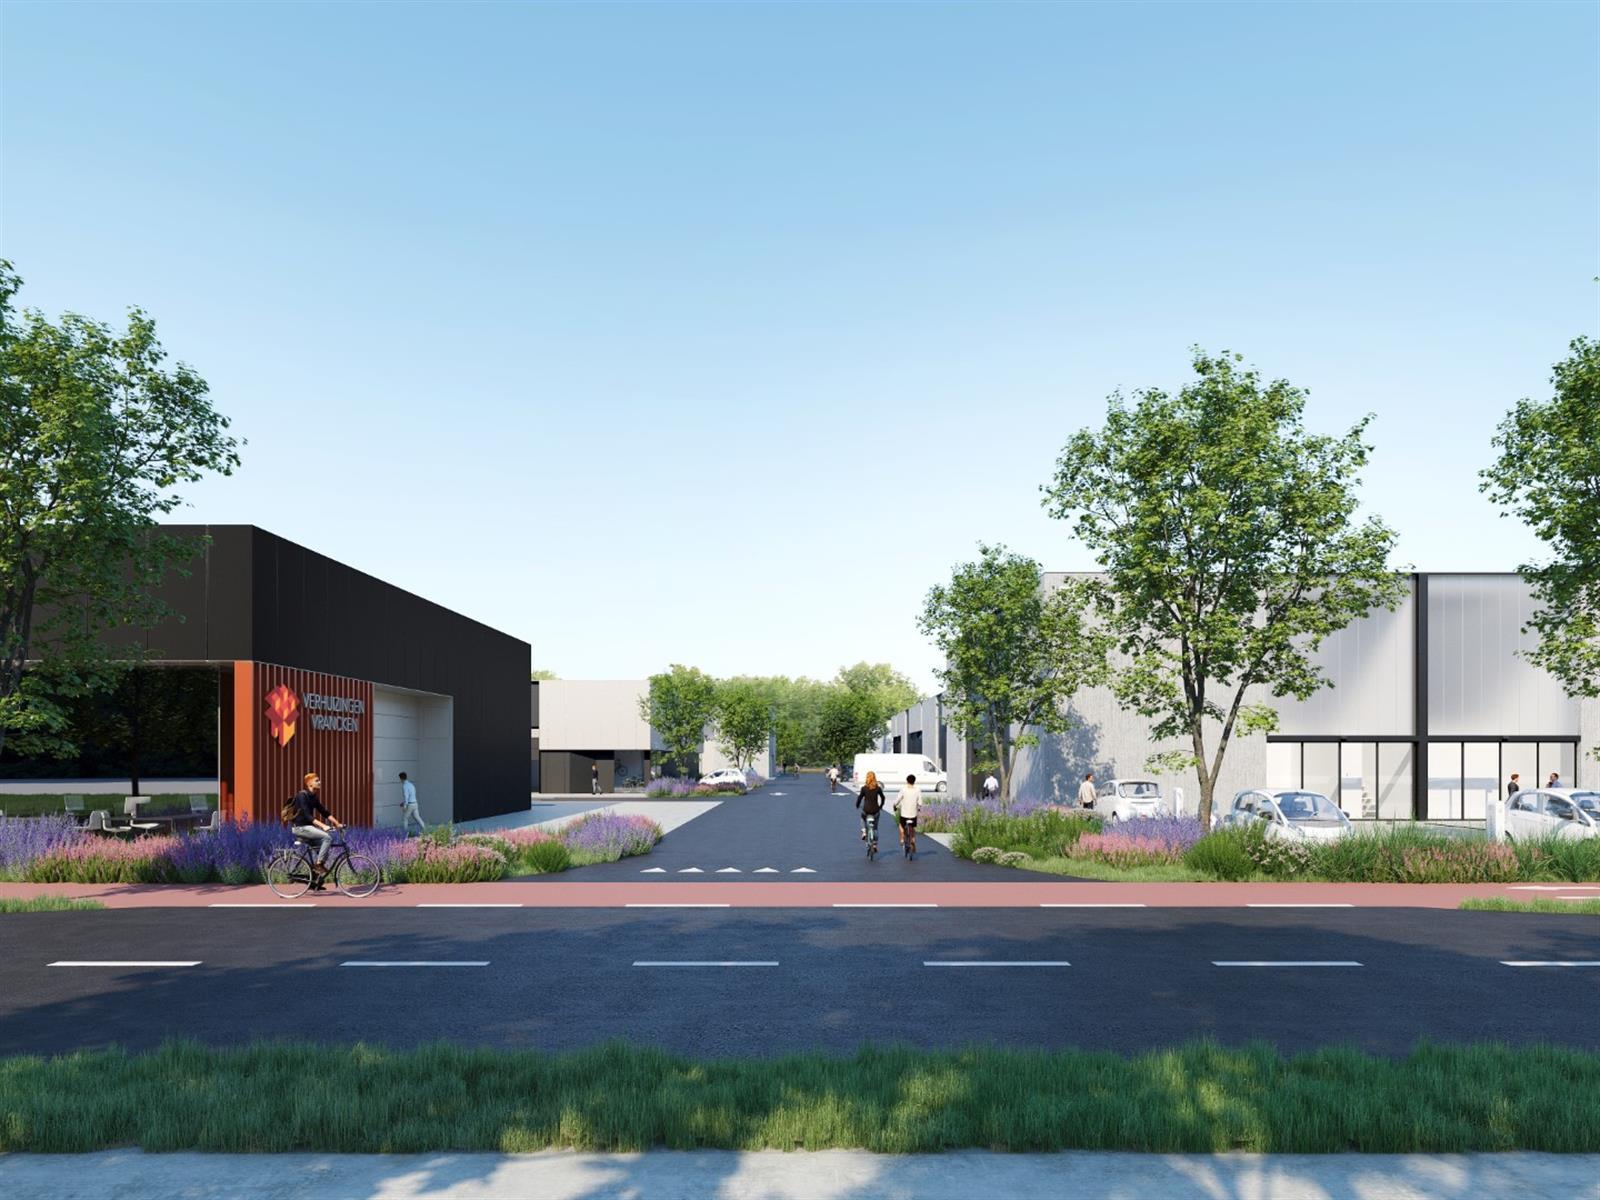 KMO-unit te koop Heros Businesspark KMO Unit 7 - Herkenrodesingel 10, 3500 Hasselt, België 5